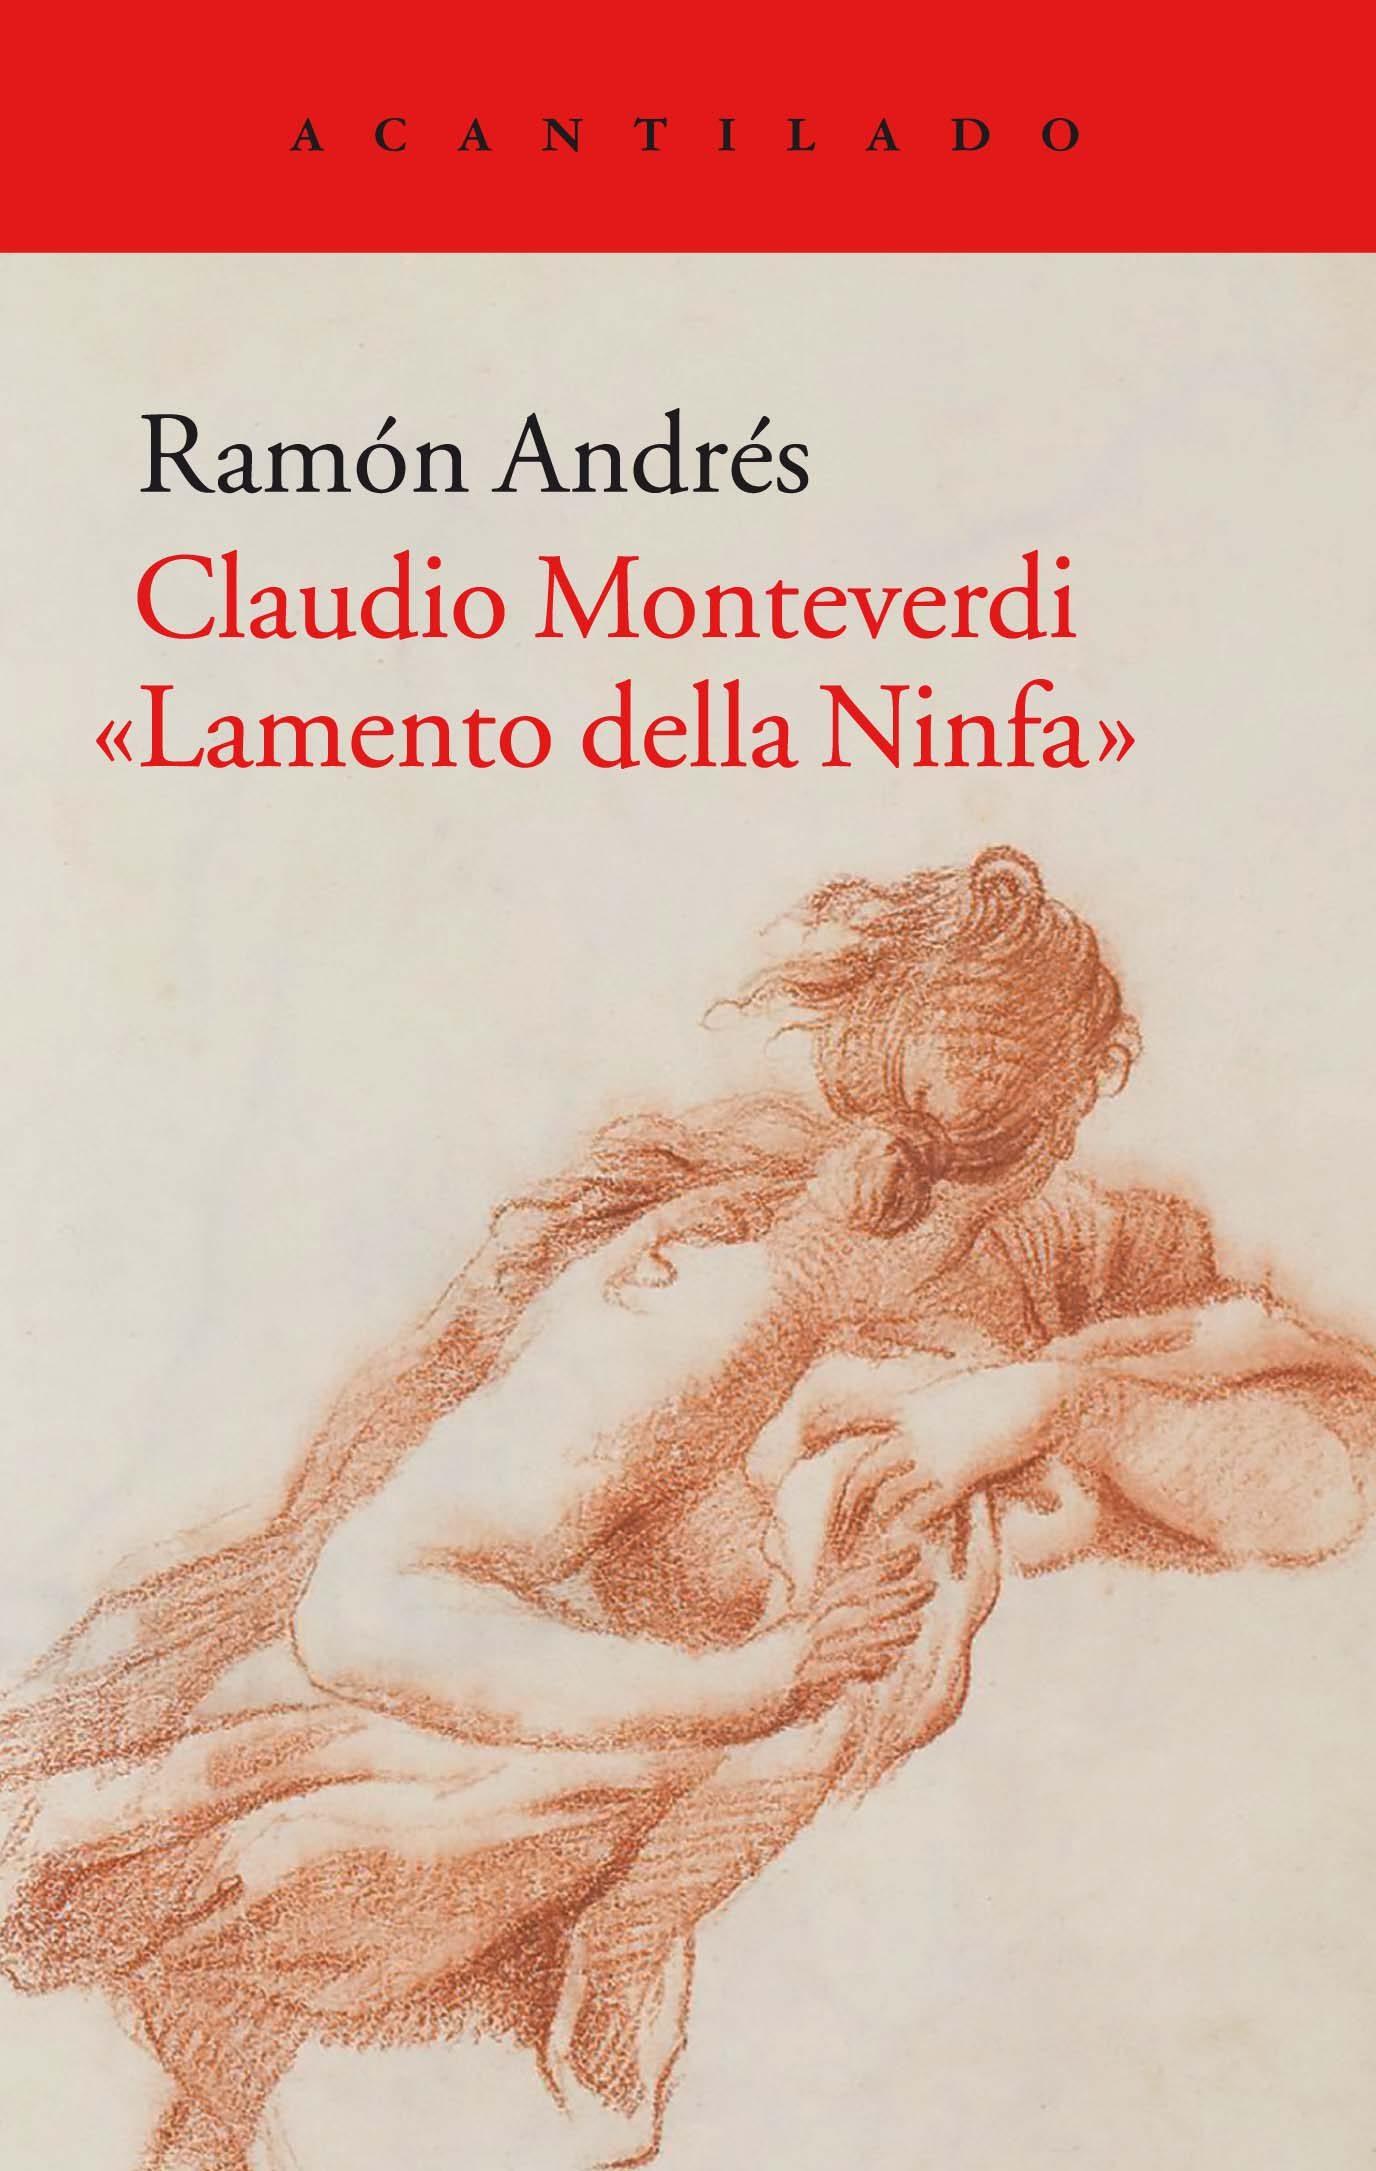 Claudio Monteverdi: Lamento Della Ninfa - Andres Ramon